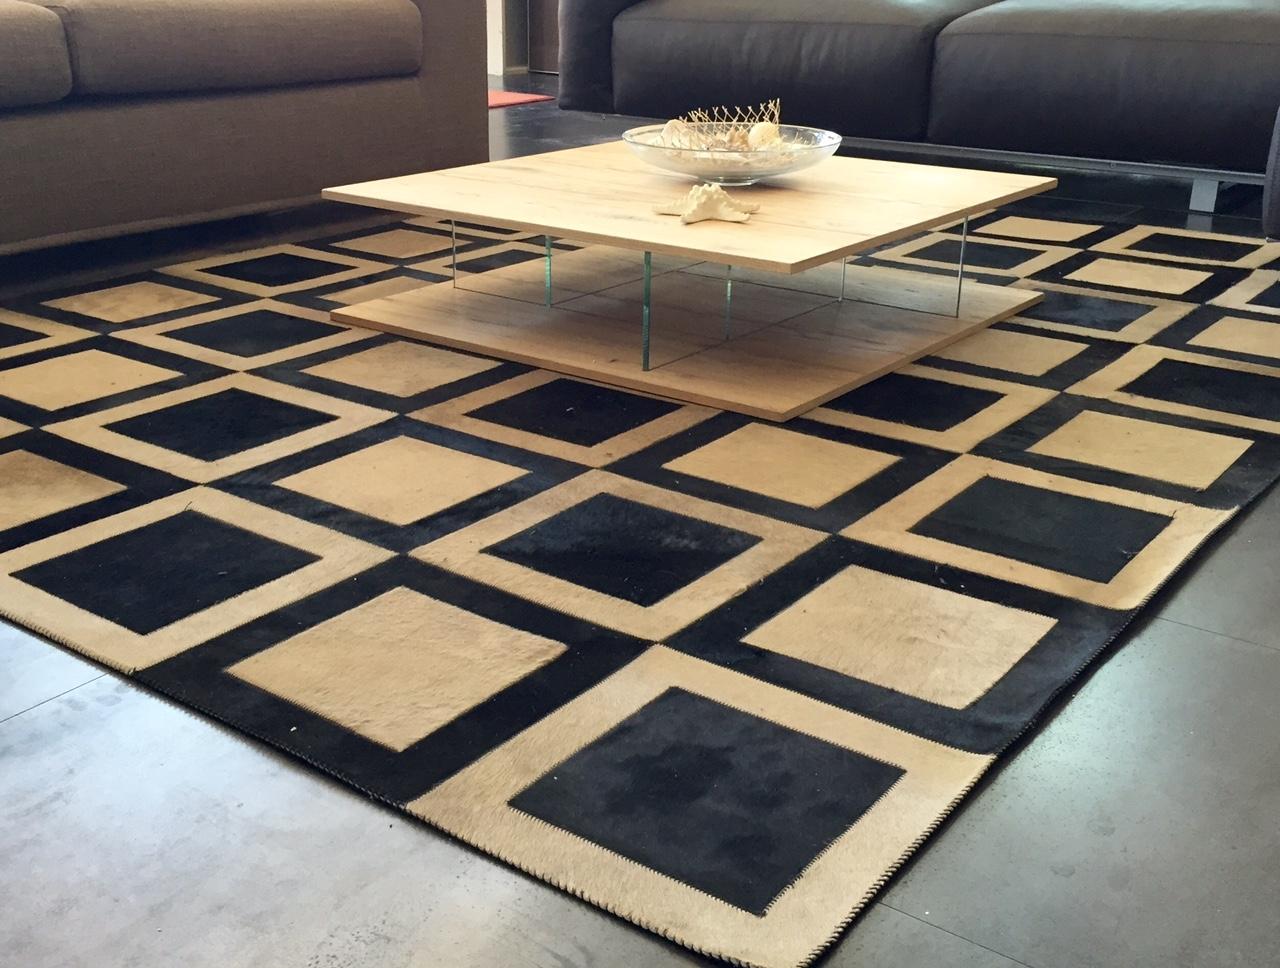 Tappeti per soggiorni excellent tappeti per il salotto for Tappeti da soggiorno